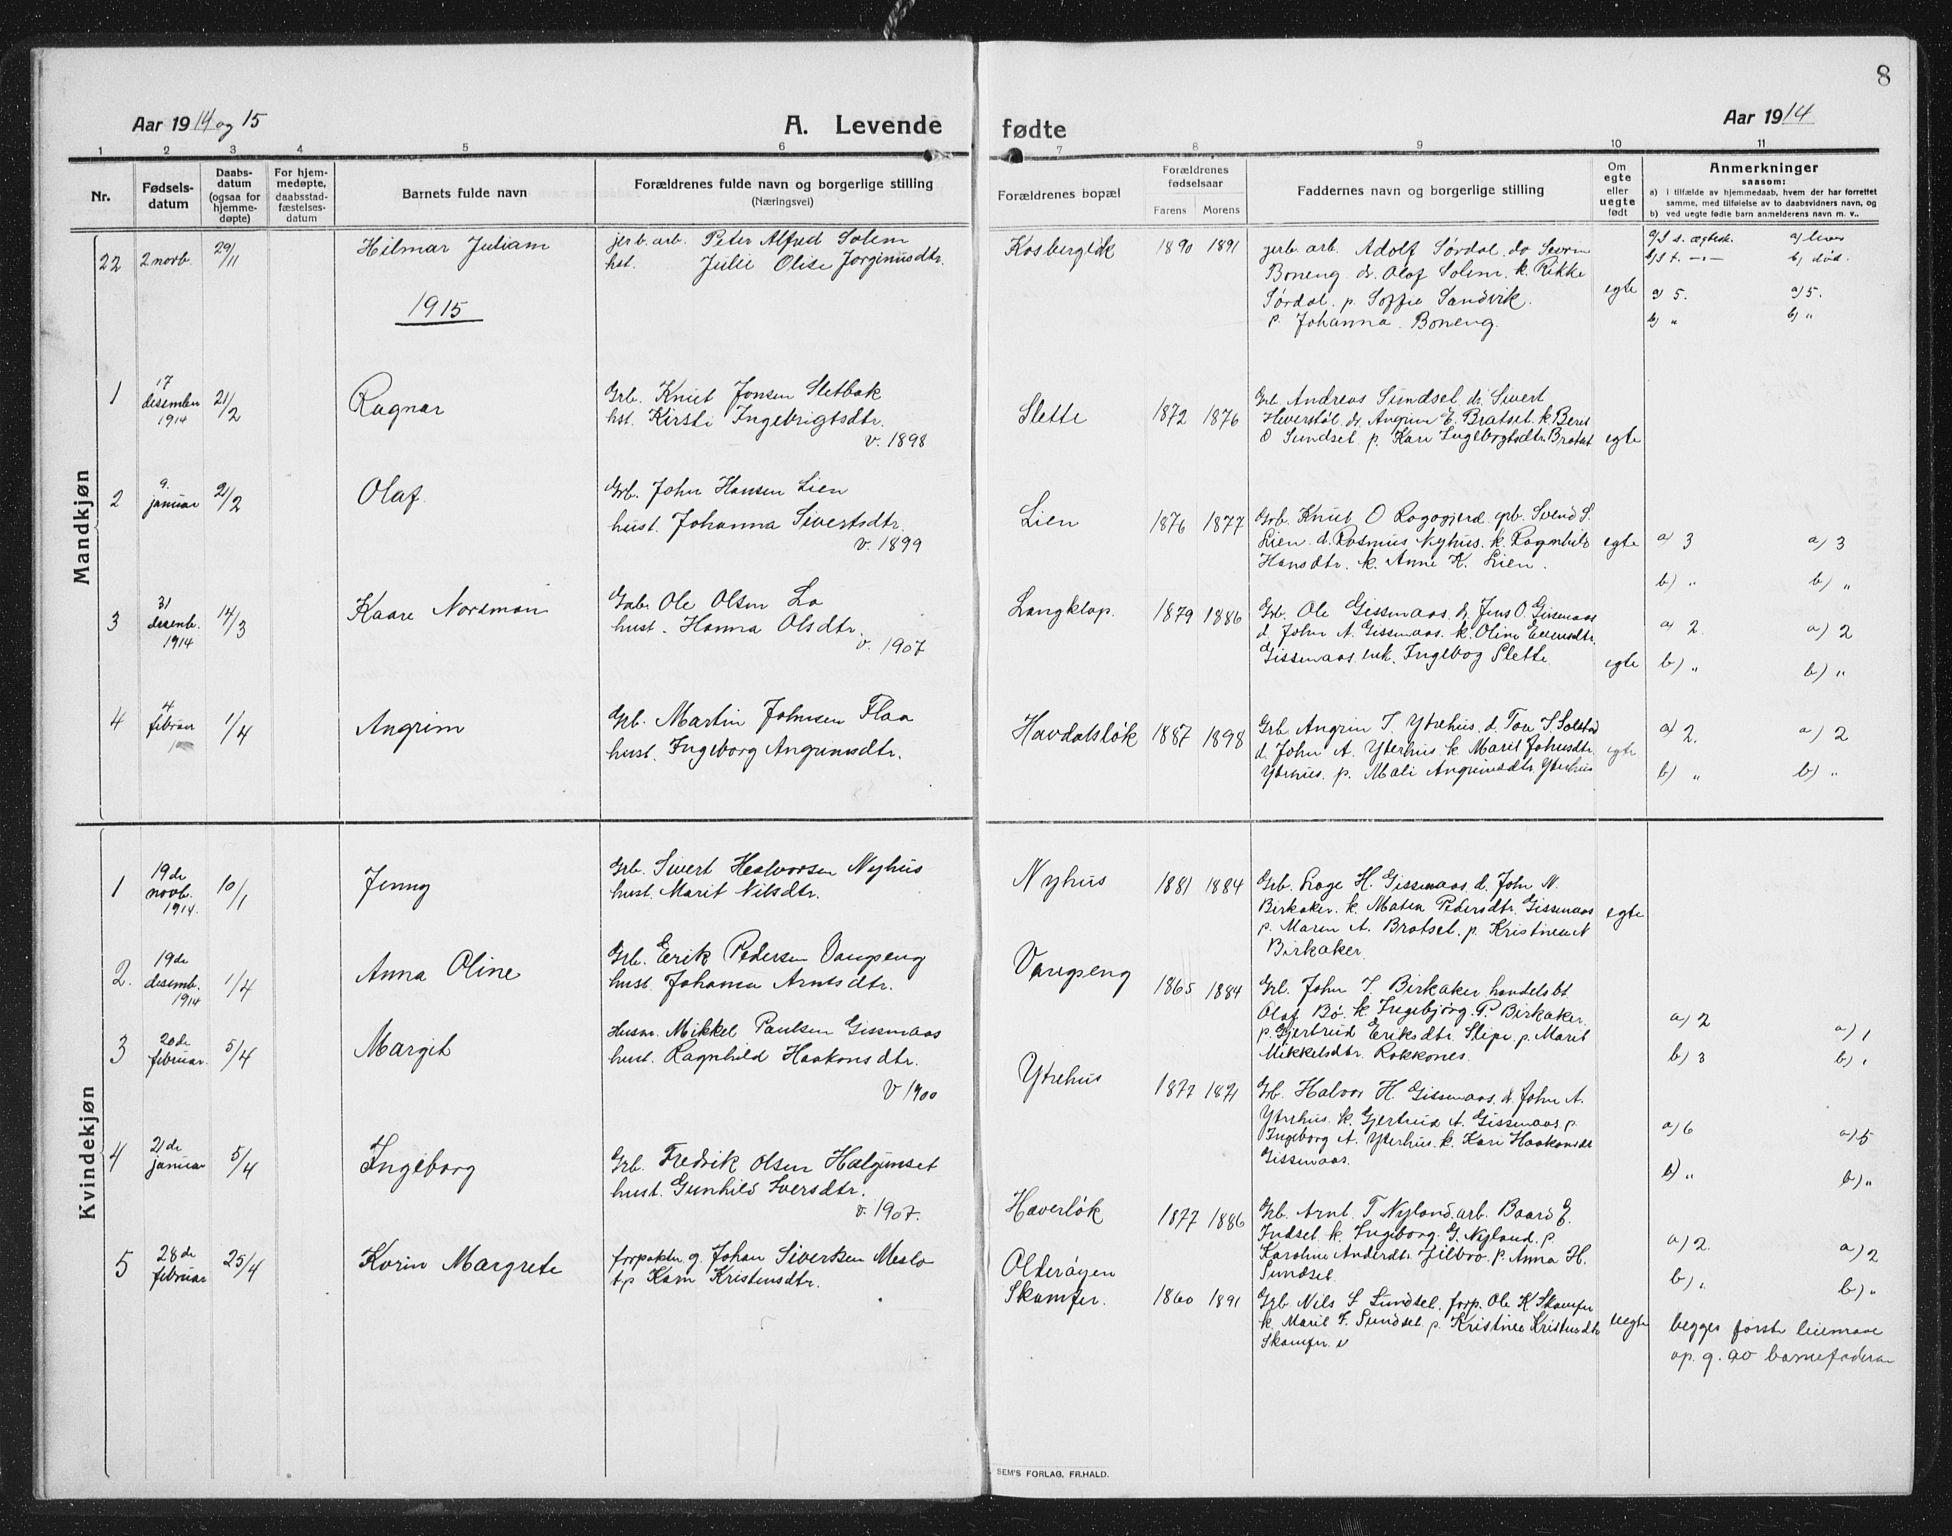 SAT, Ministerialprotokoller, klokkerbøker og fødselsregistre - Sør-Trøndelag, 675/L0888: Klokkerbok nr. 675C01, 1913-1935, s. 8